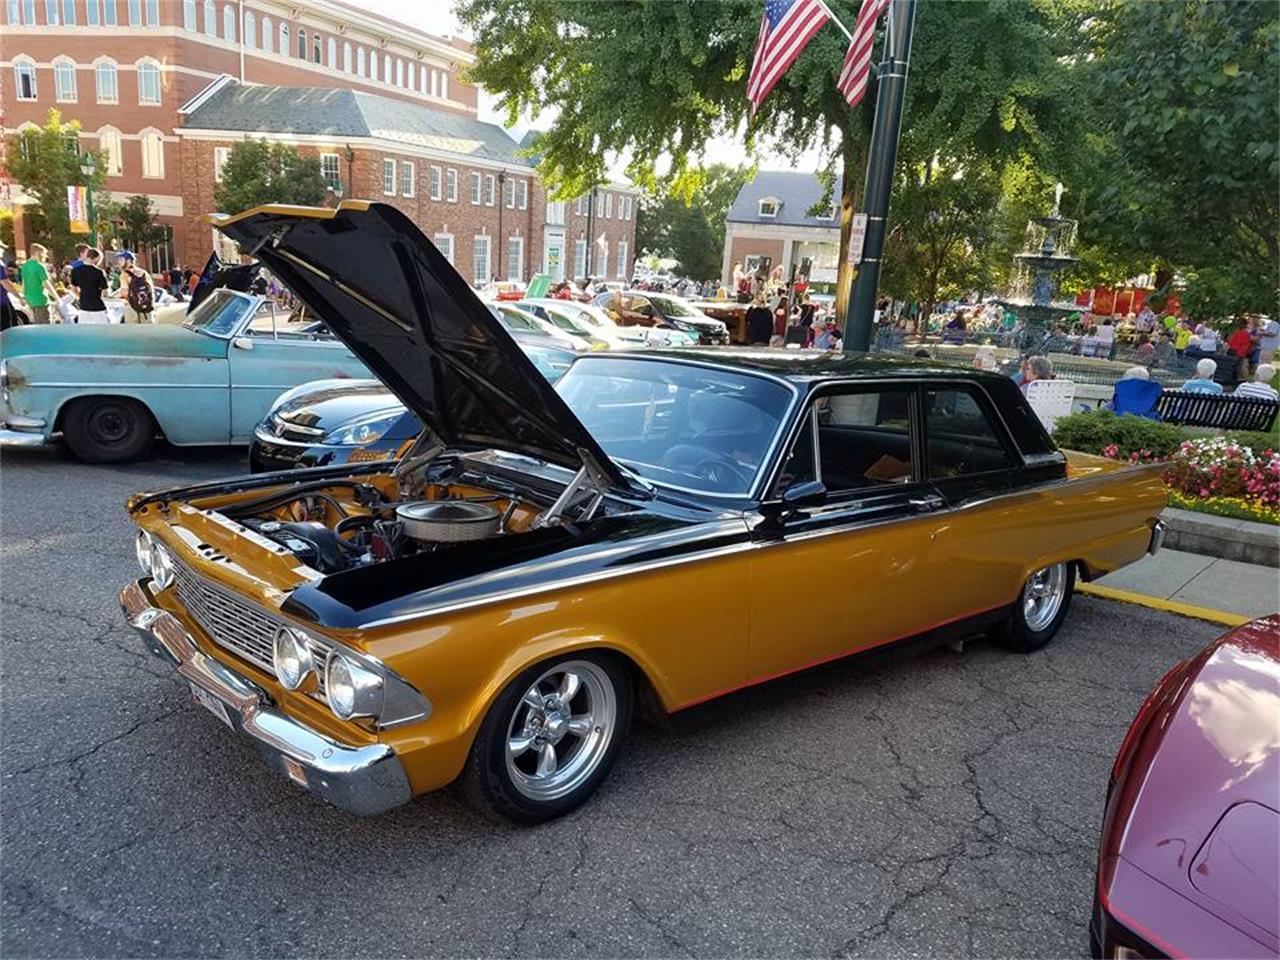 For Sale: 1962 Ford Fairlane in Columbus, Ohio